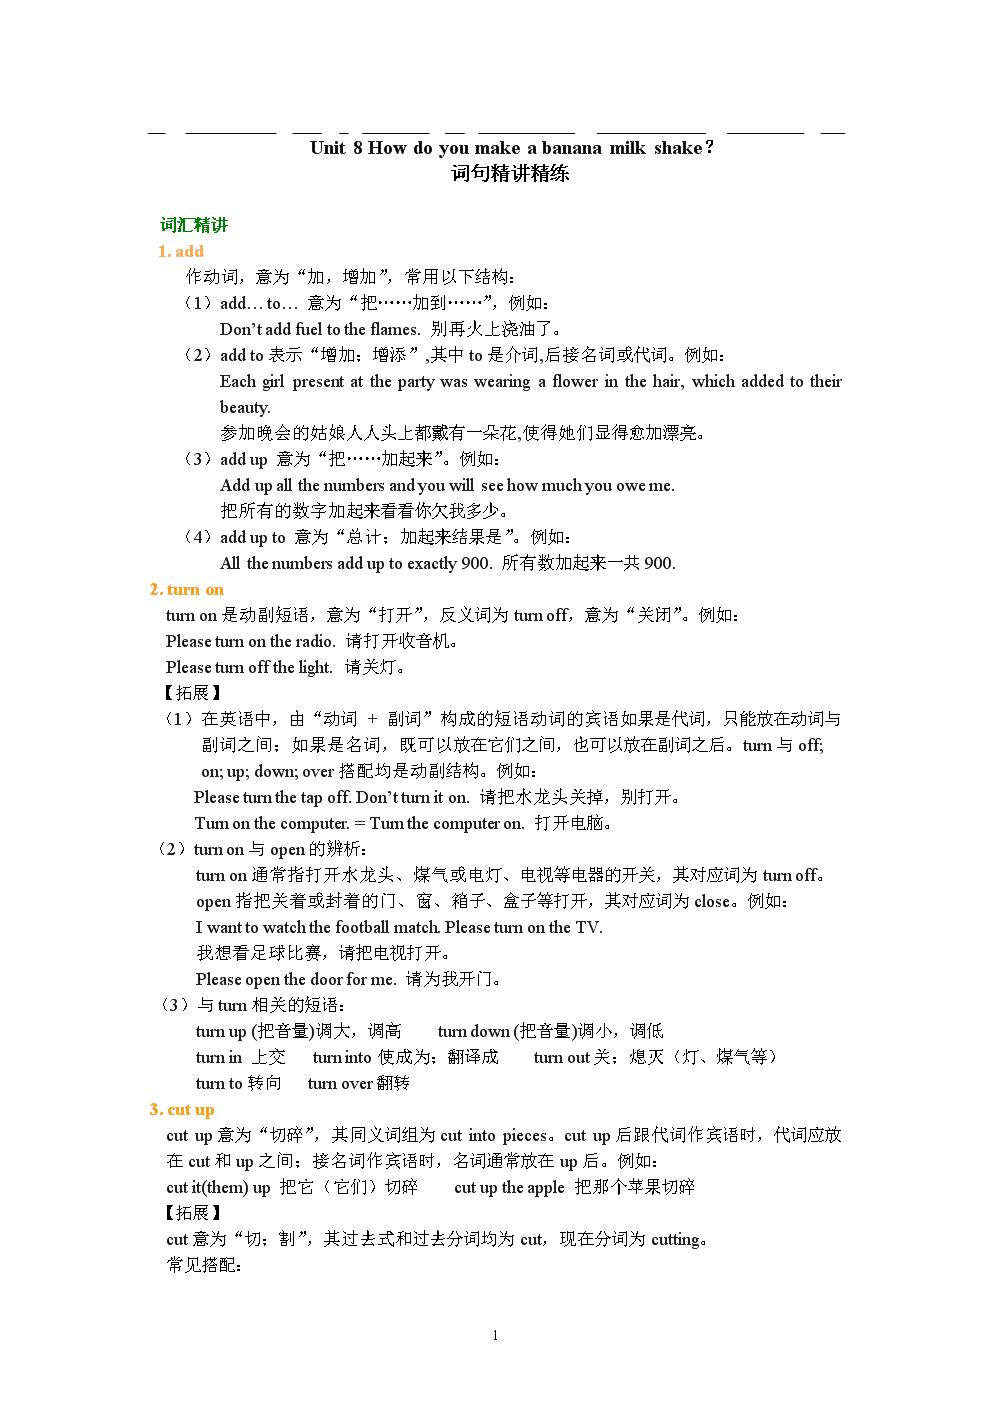 人教英语八年级上册13Unit 8 How do you make a banana milk shake 词句精讲精练.doc